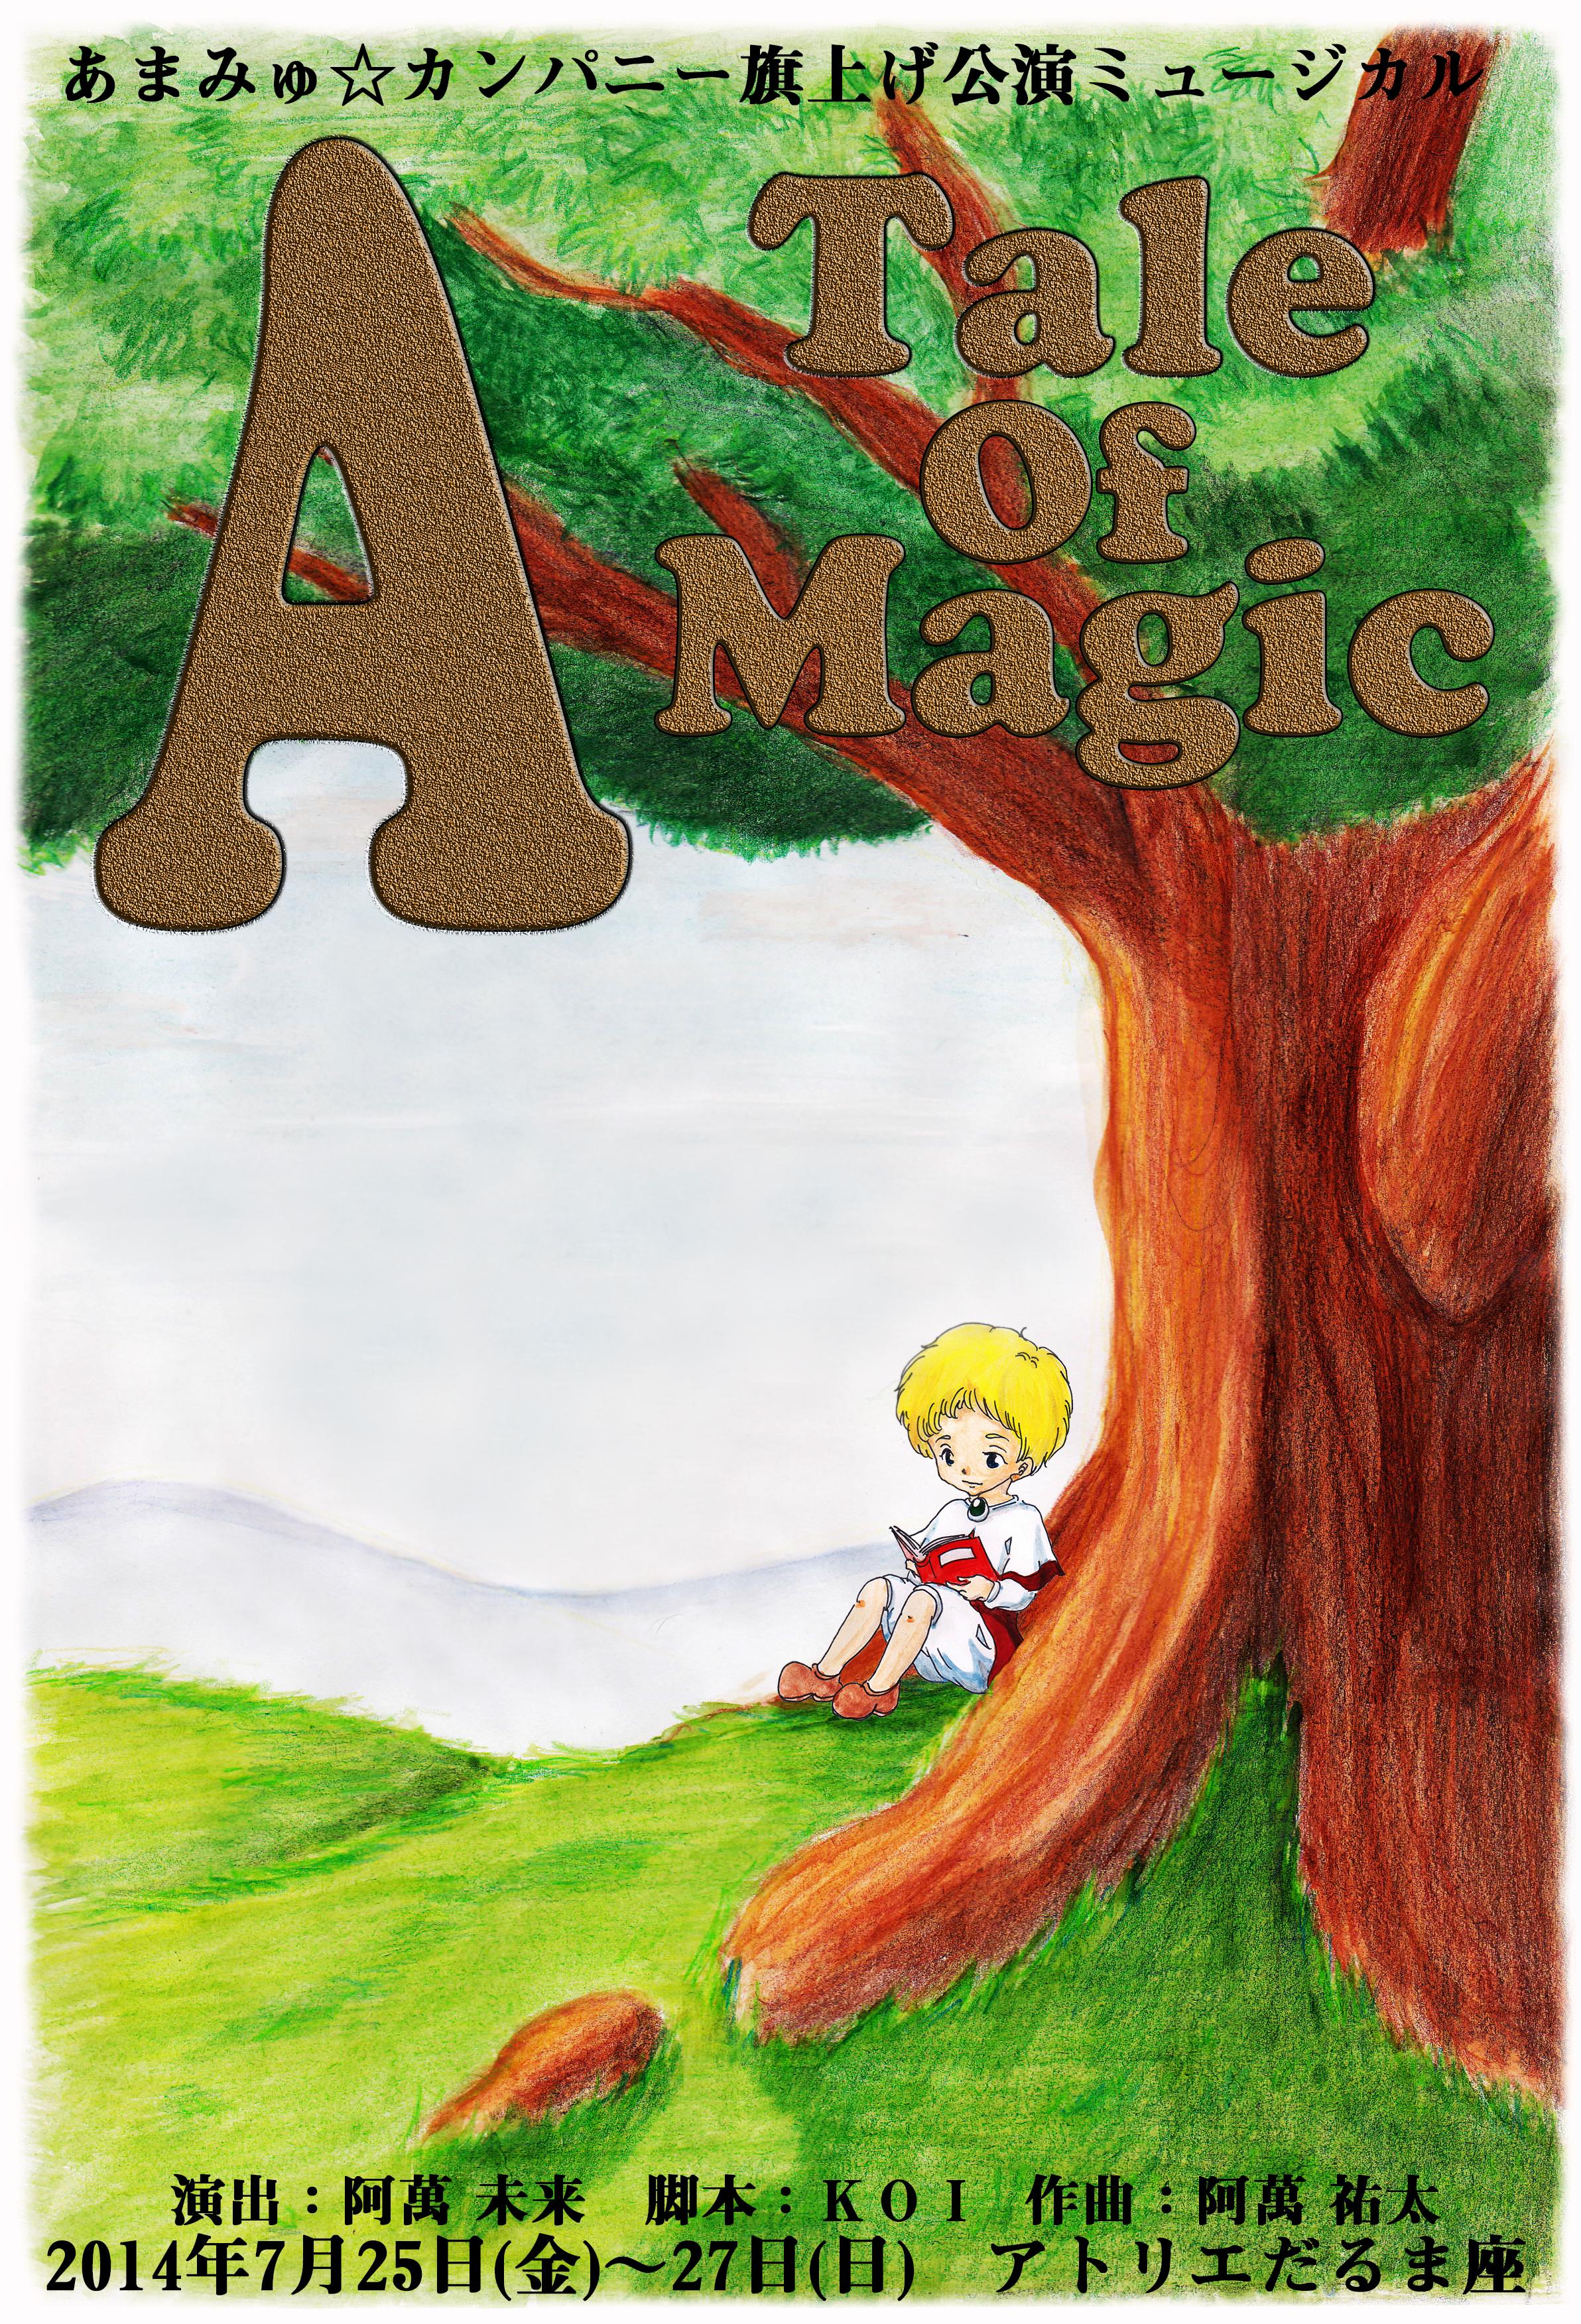 旗揚げ公演「A Tale Of Magic」